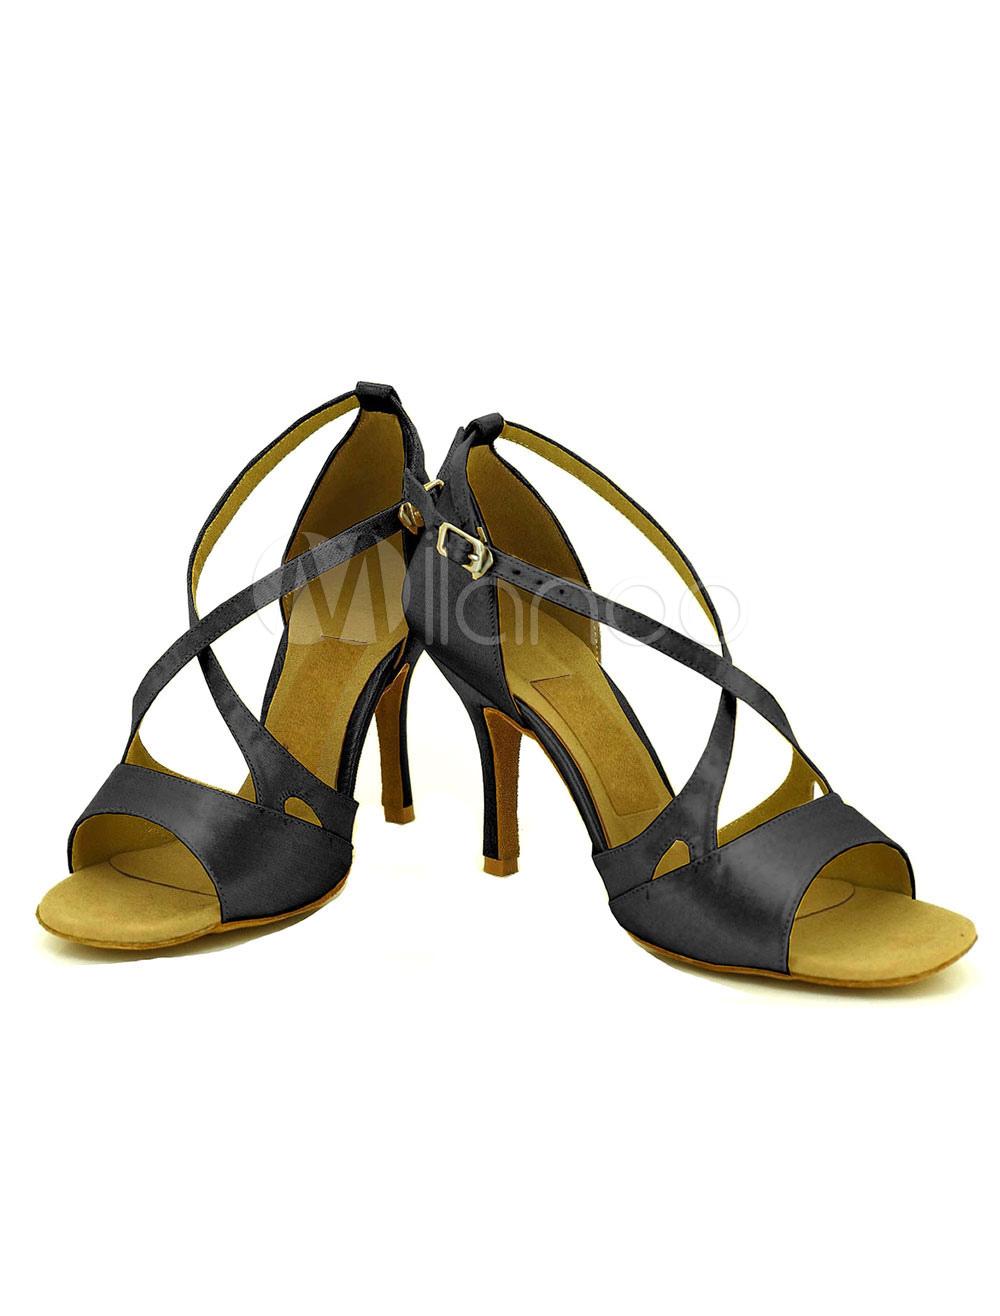 Danza zapatos del alto talón mujeres Cruz correa ajustable baile zapatos de hebilla frontal PFThAvXDa